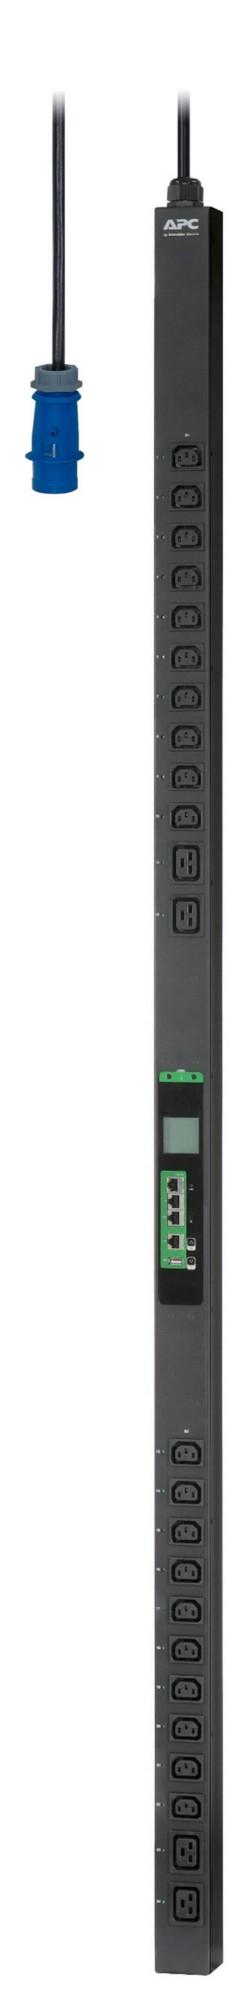 APC EPDU1116S unidad de distribución de energía (PDU) 0U Negro 24 salidas AC